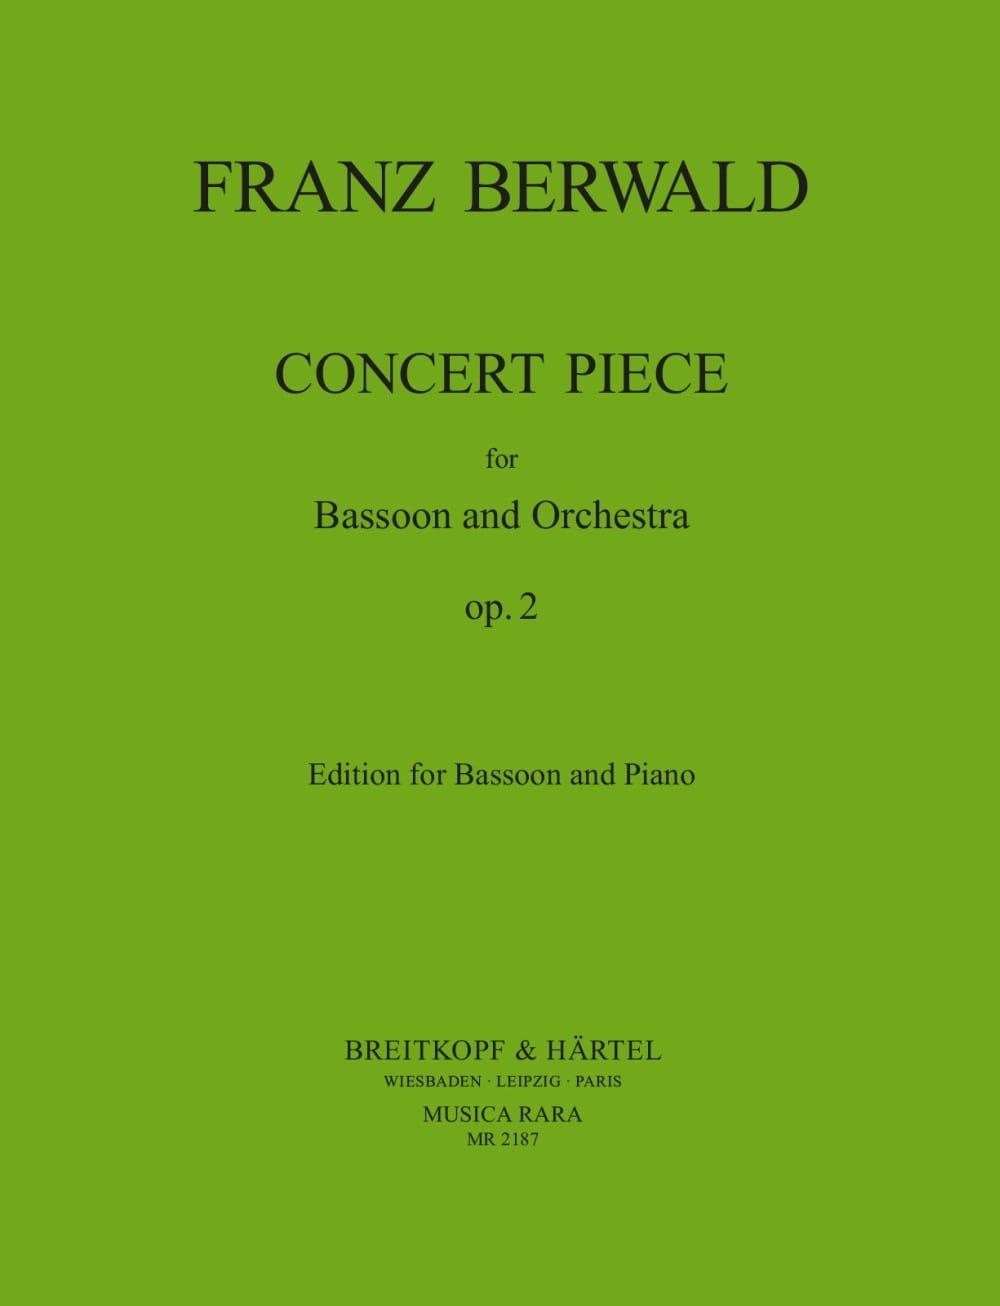 Concert piece op. 2 -Bassoon piano - Franz Berwald - laflutedepan.com